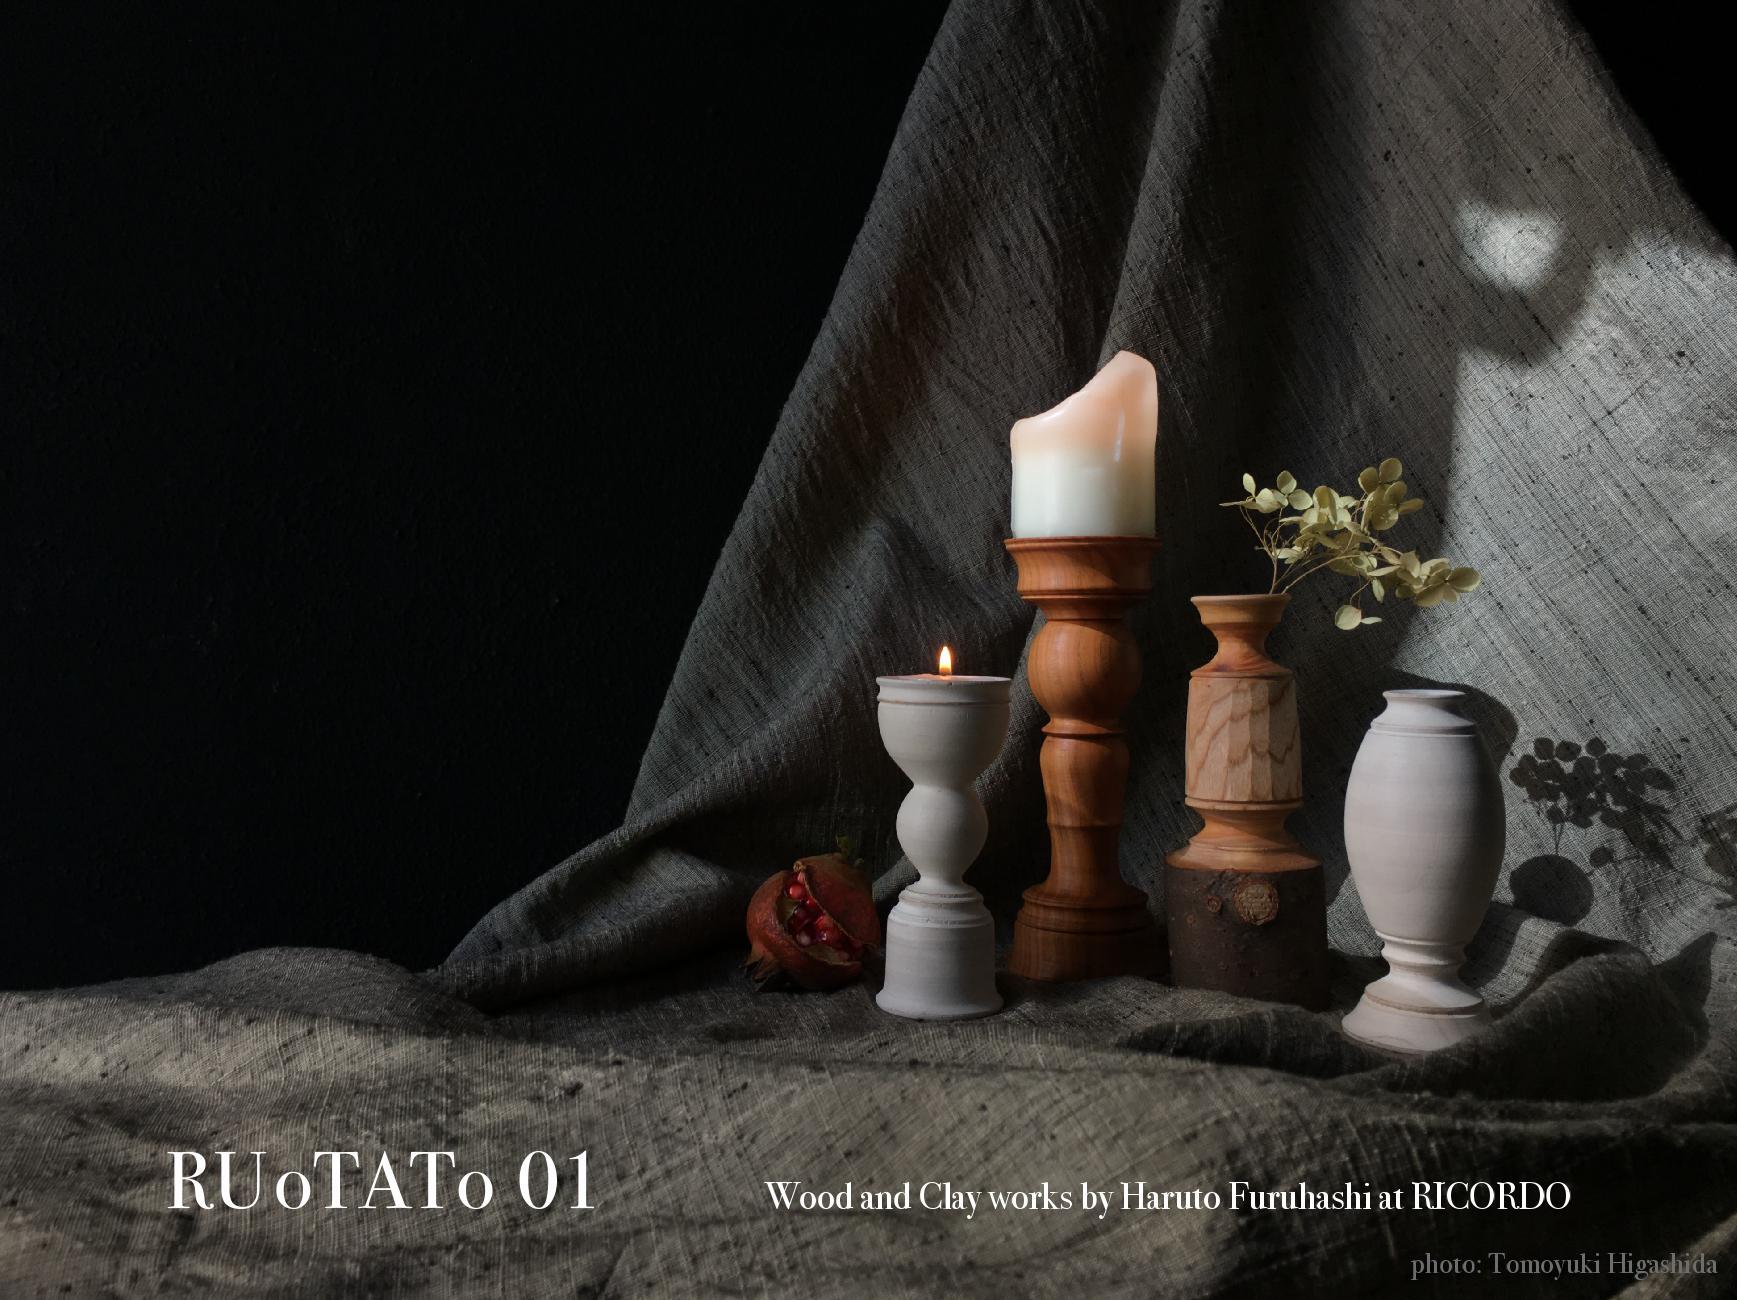 RUoTATo 01